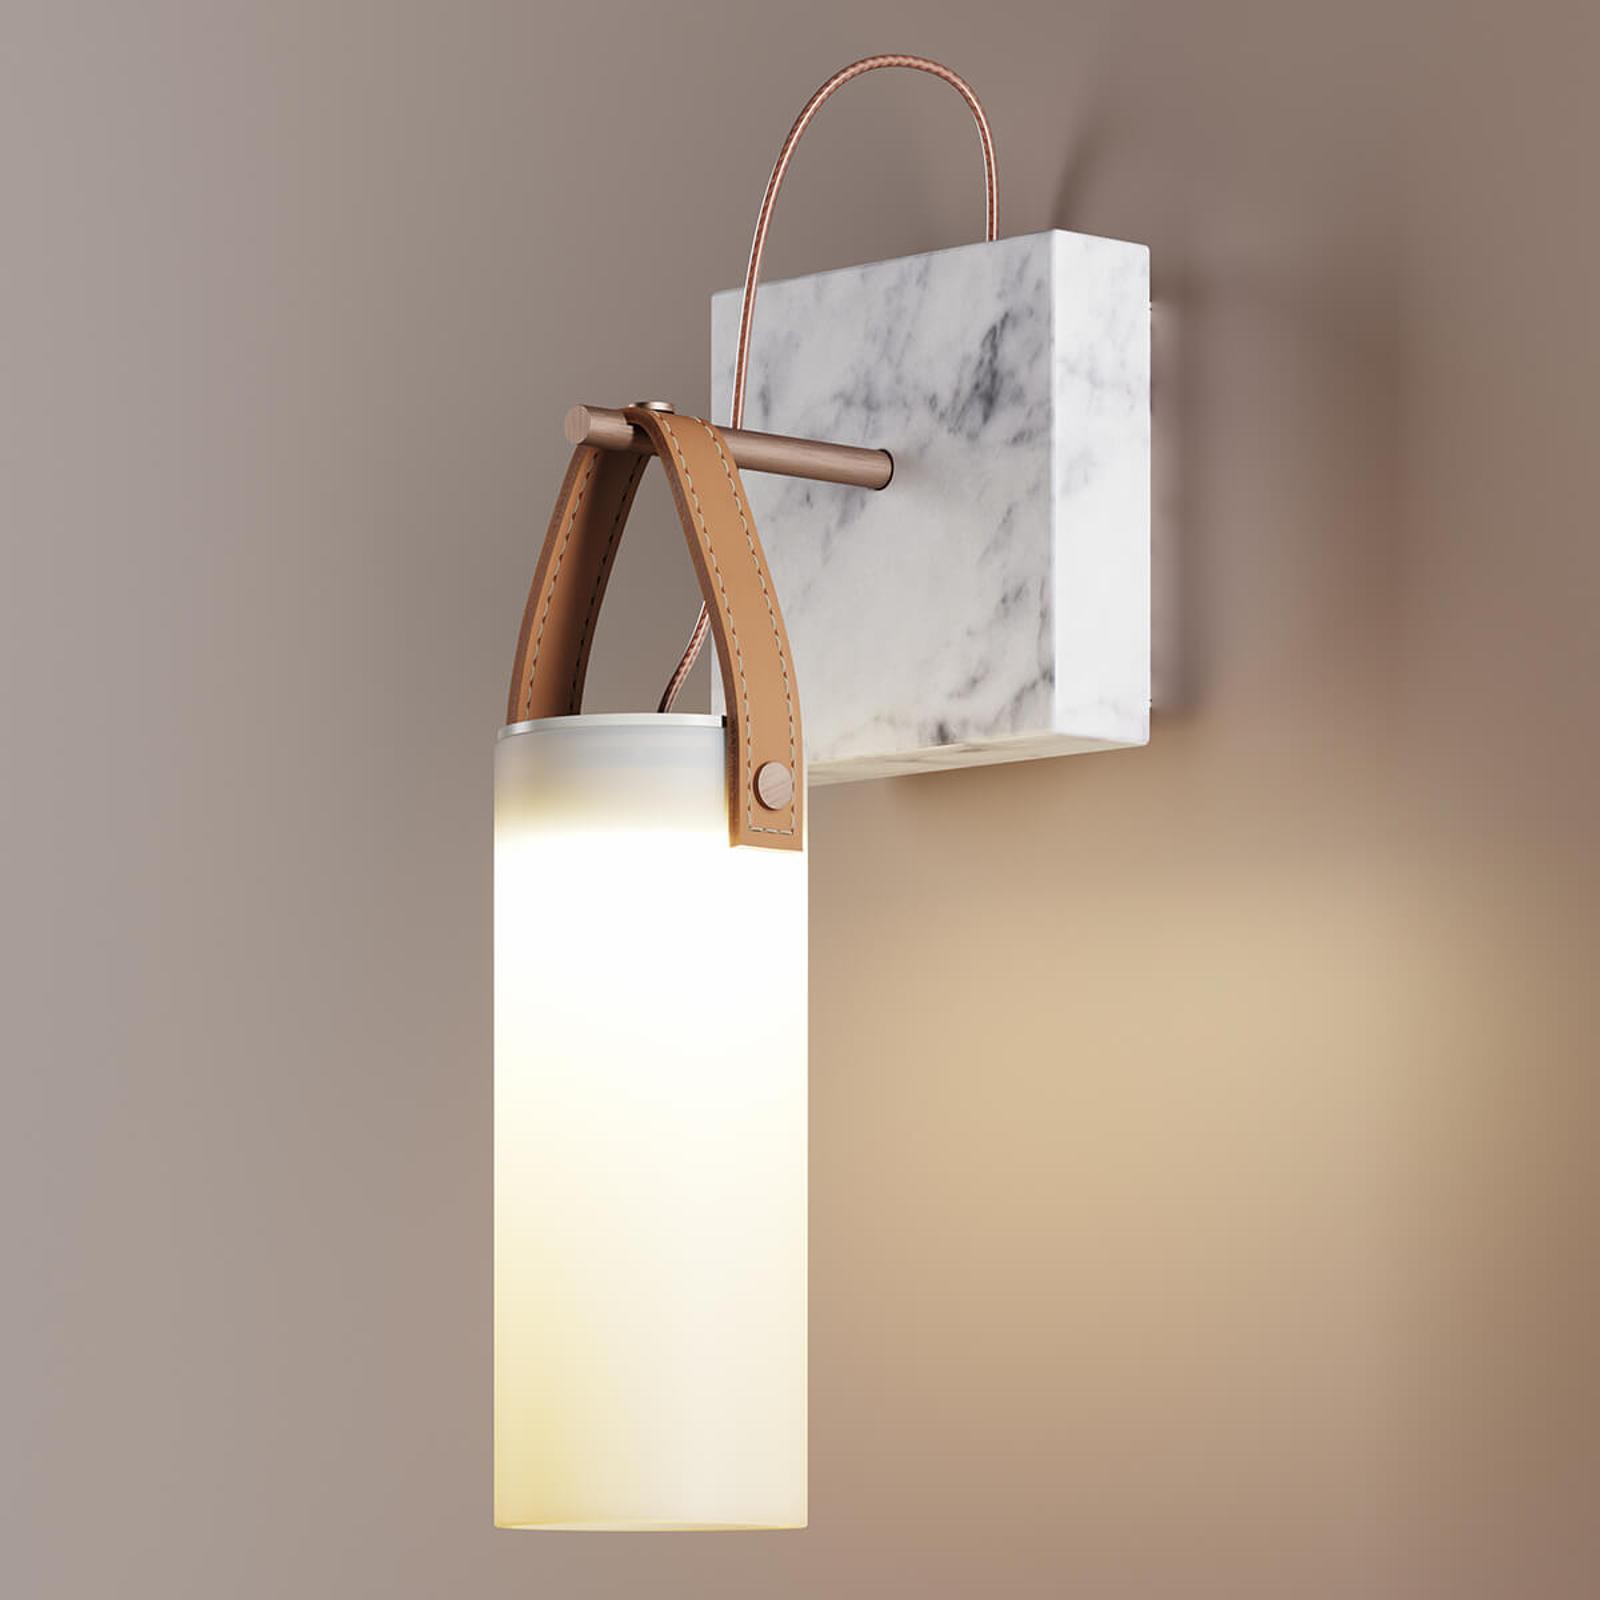 Design wandlamp Galerie met LED